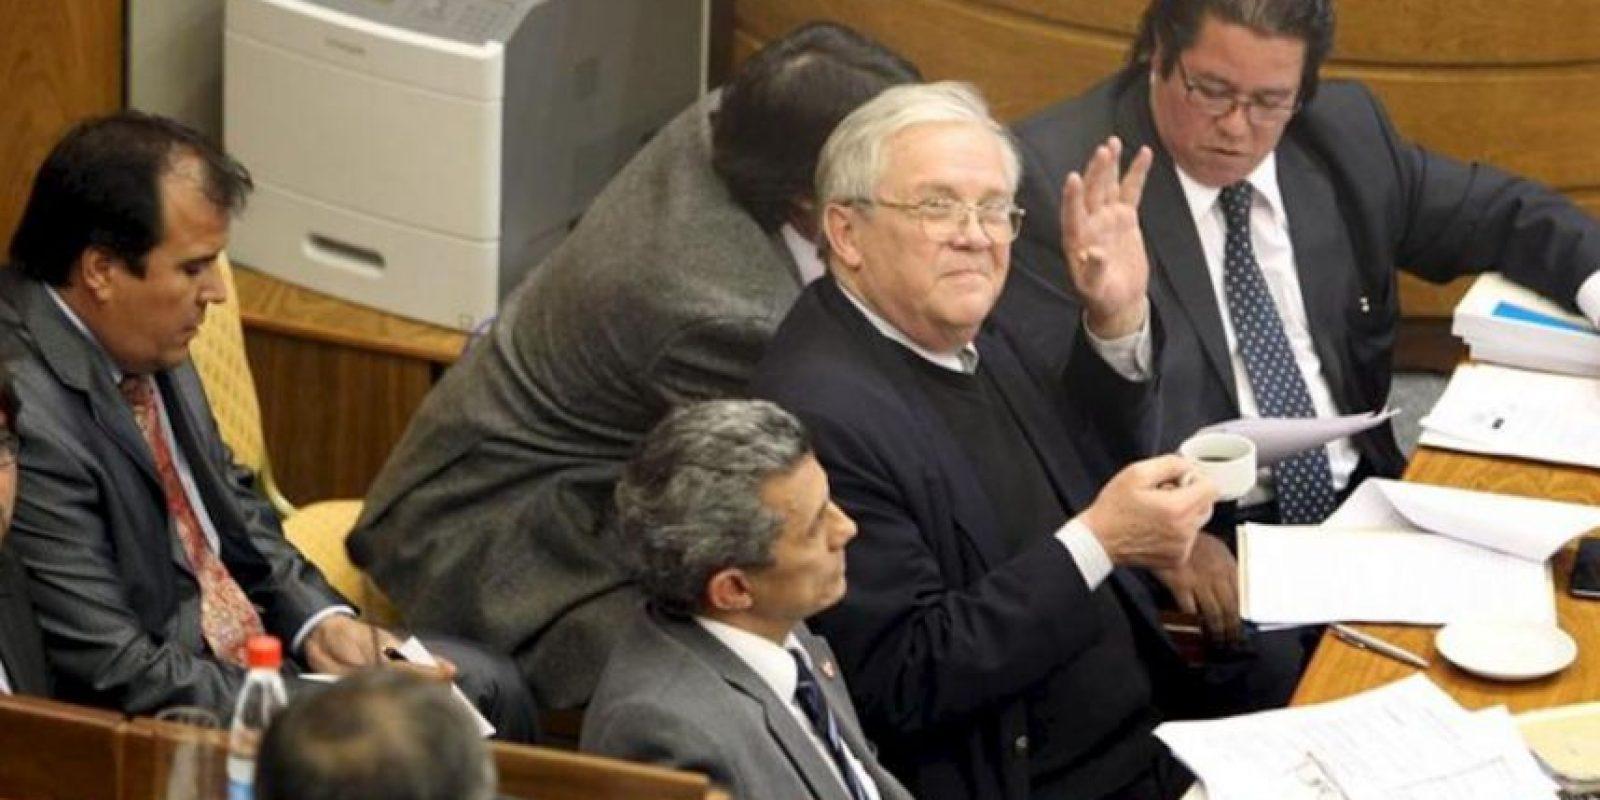 El equipo jurídico del presidente paraguayo, Fernando Lugo, asisten a una sesión en el Senado en la que se adelanta el juicio político contra el mandatario, en Asunción (Paraguay). EFE